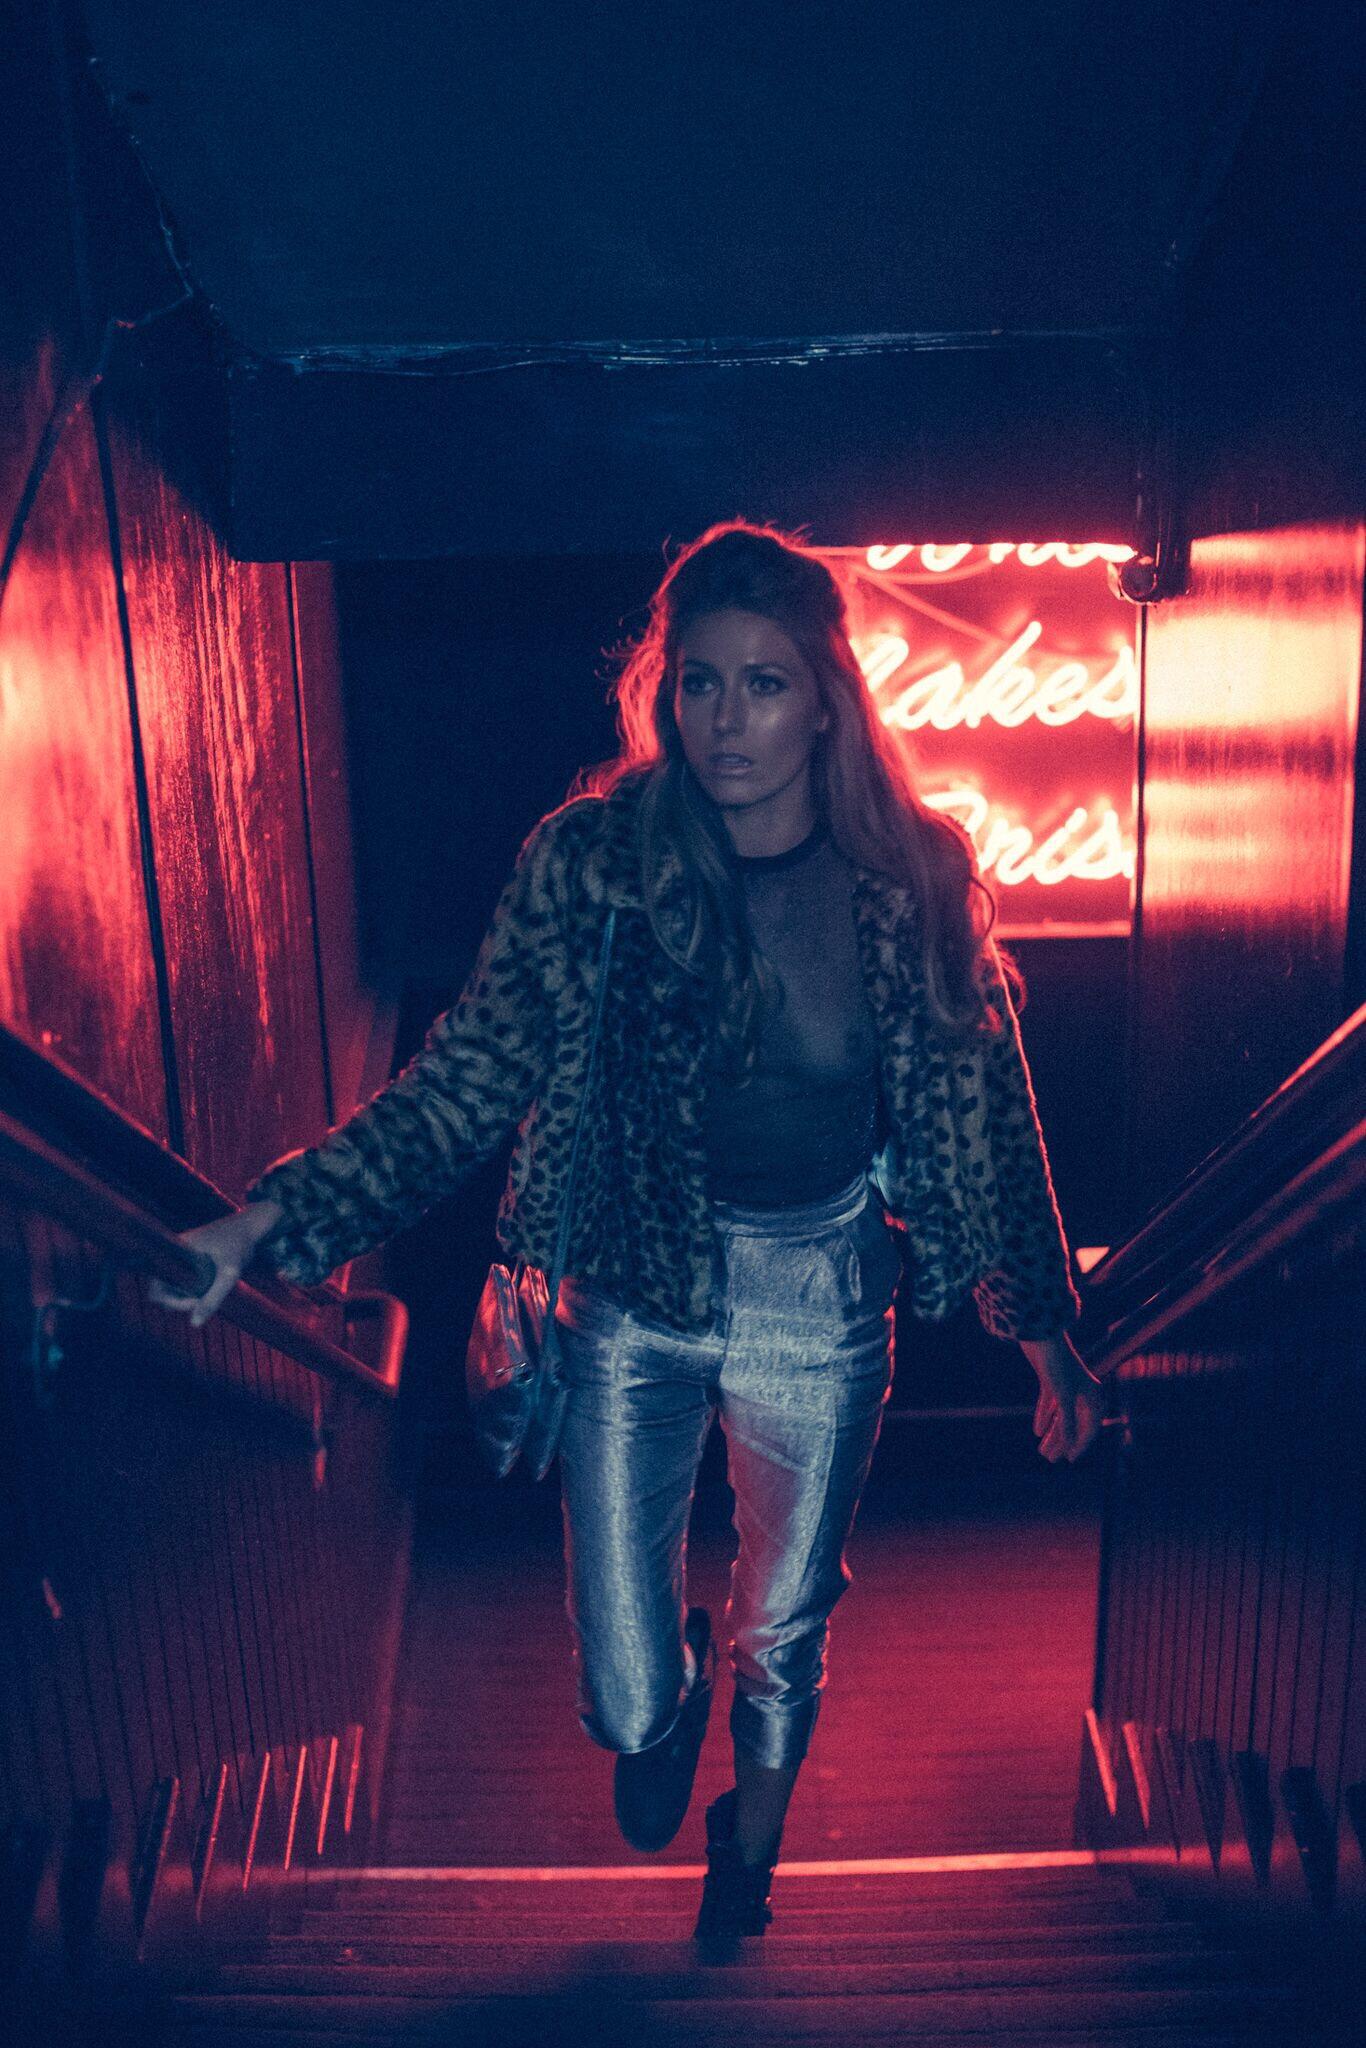 pants: topshop || jacket: zara